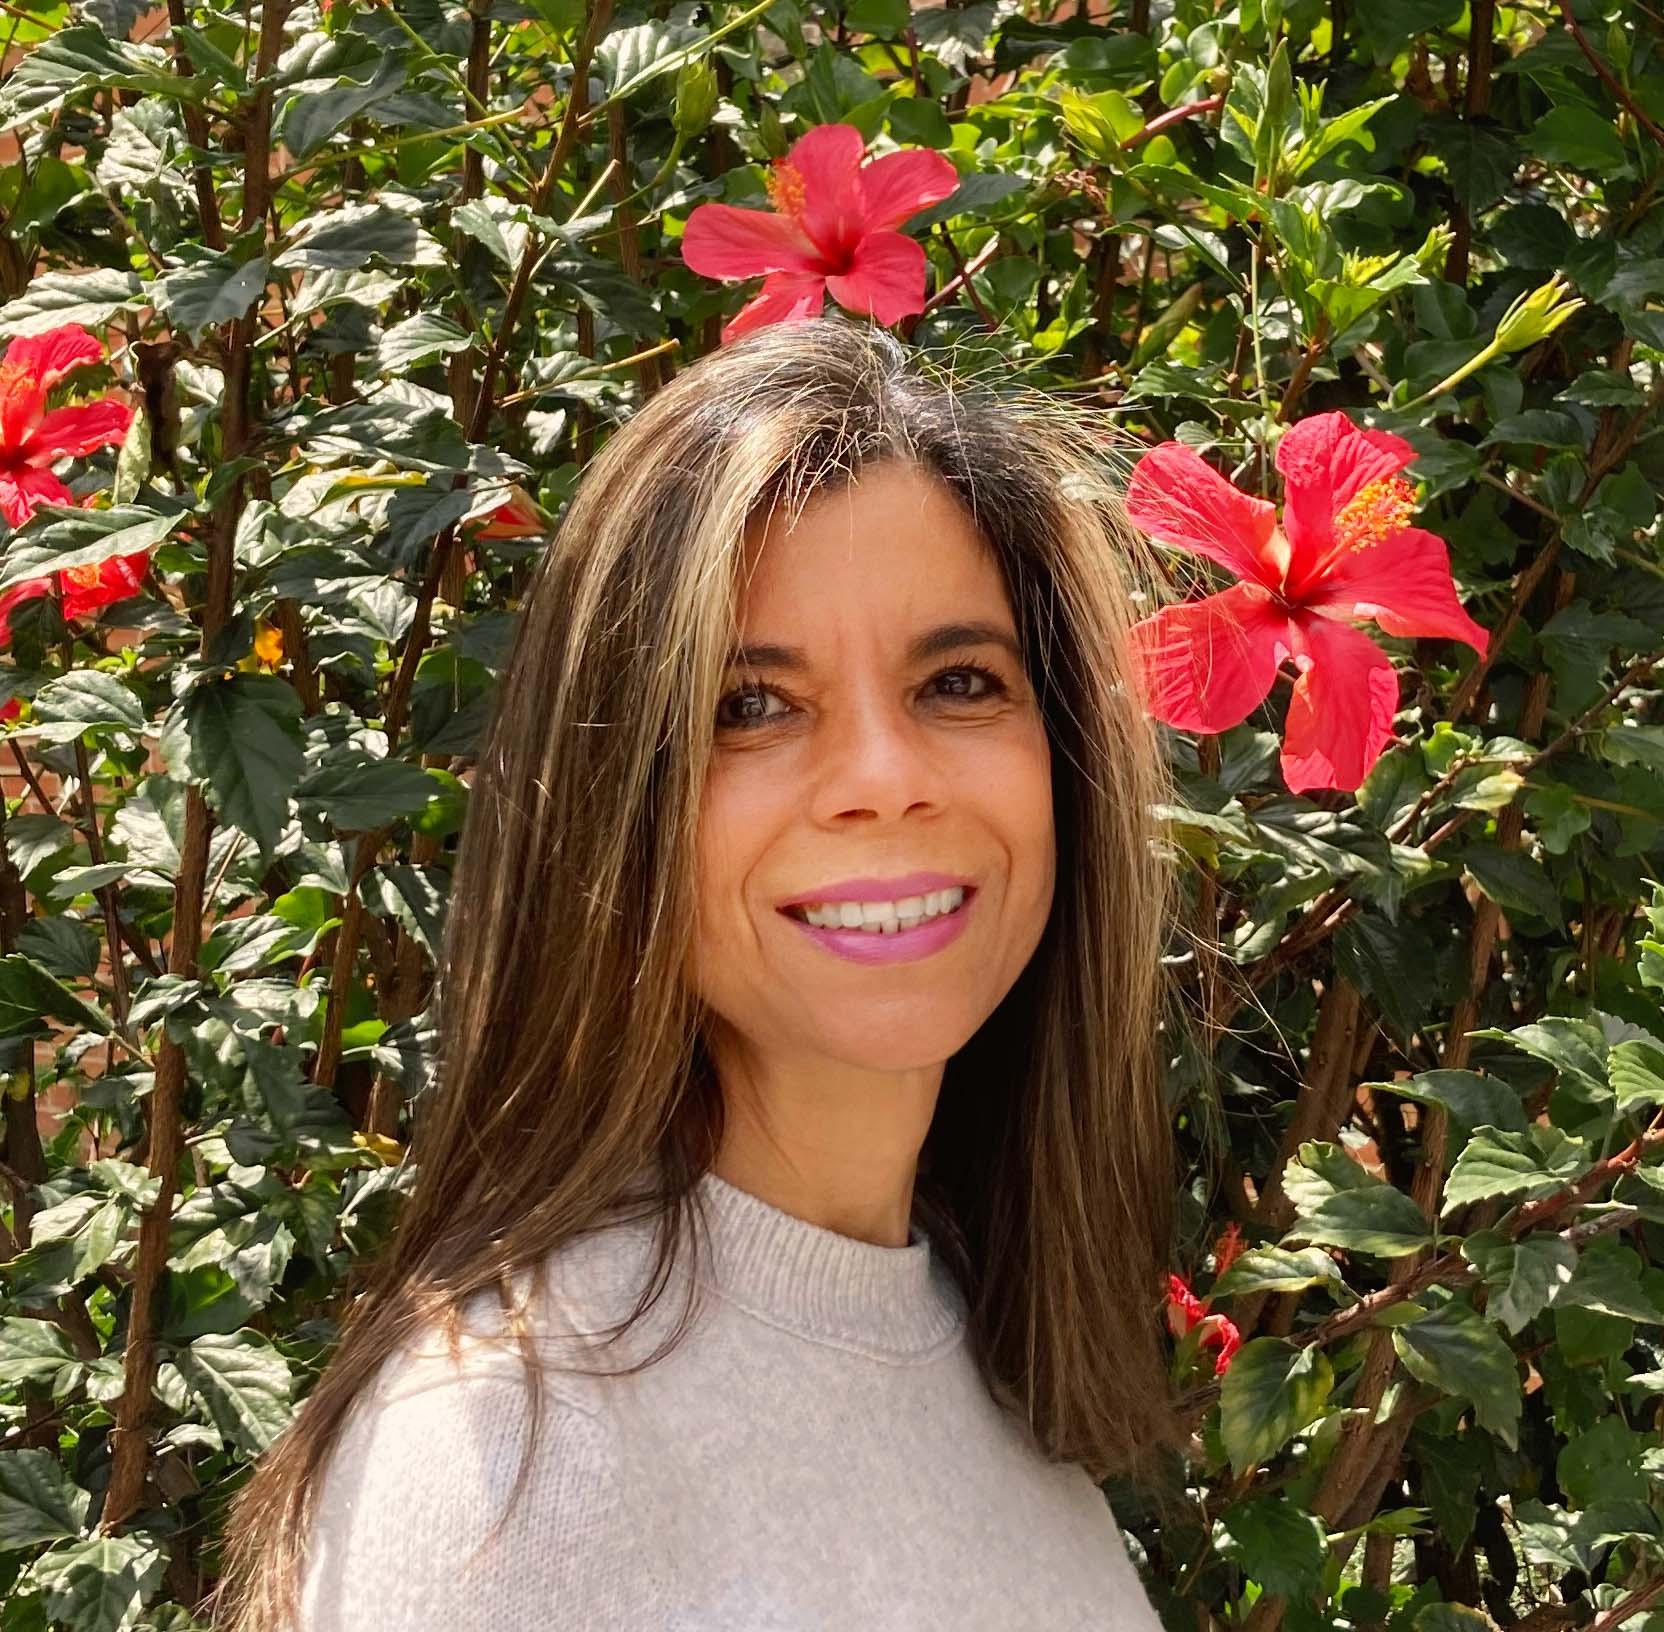 Alecia Eleonora Acosta Freites